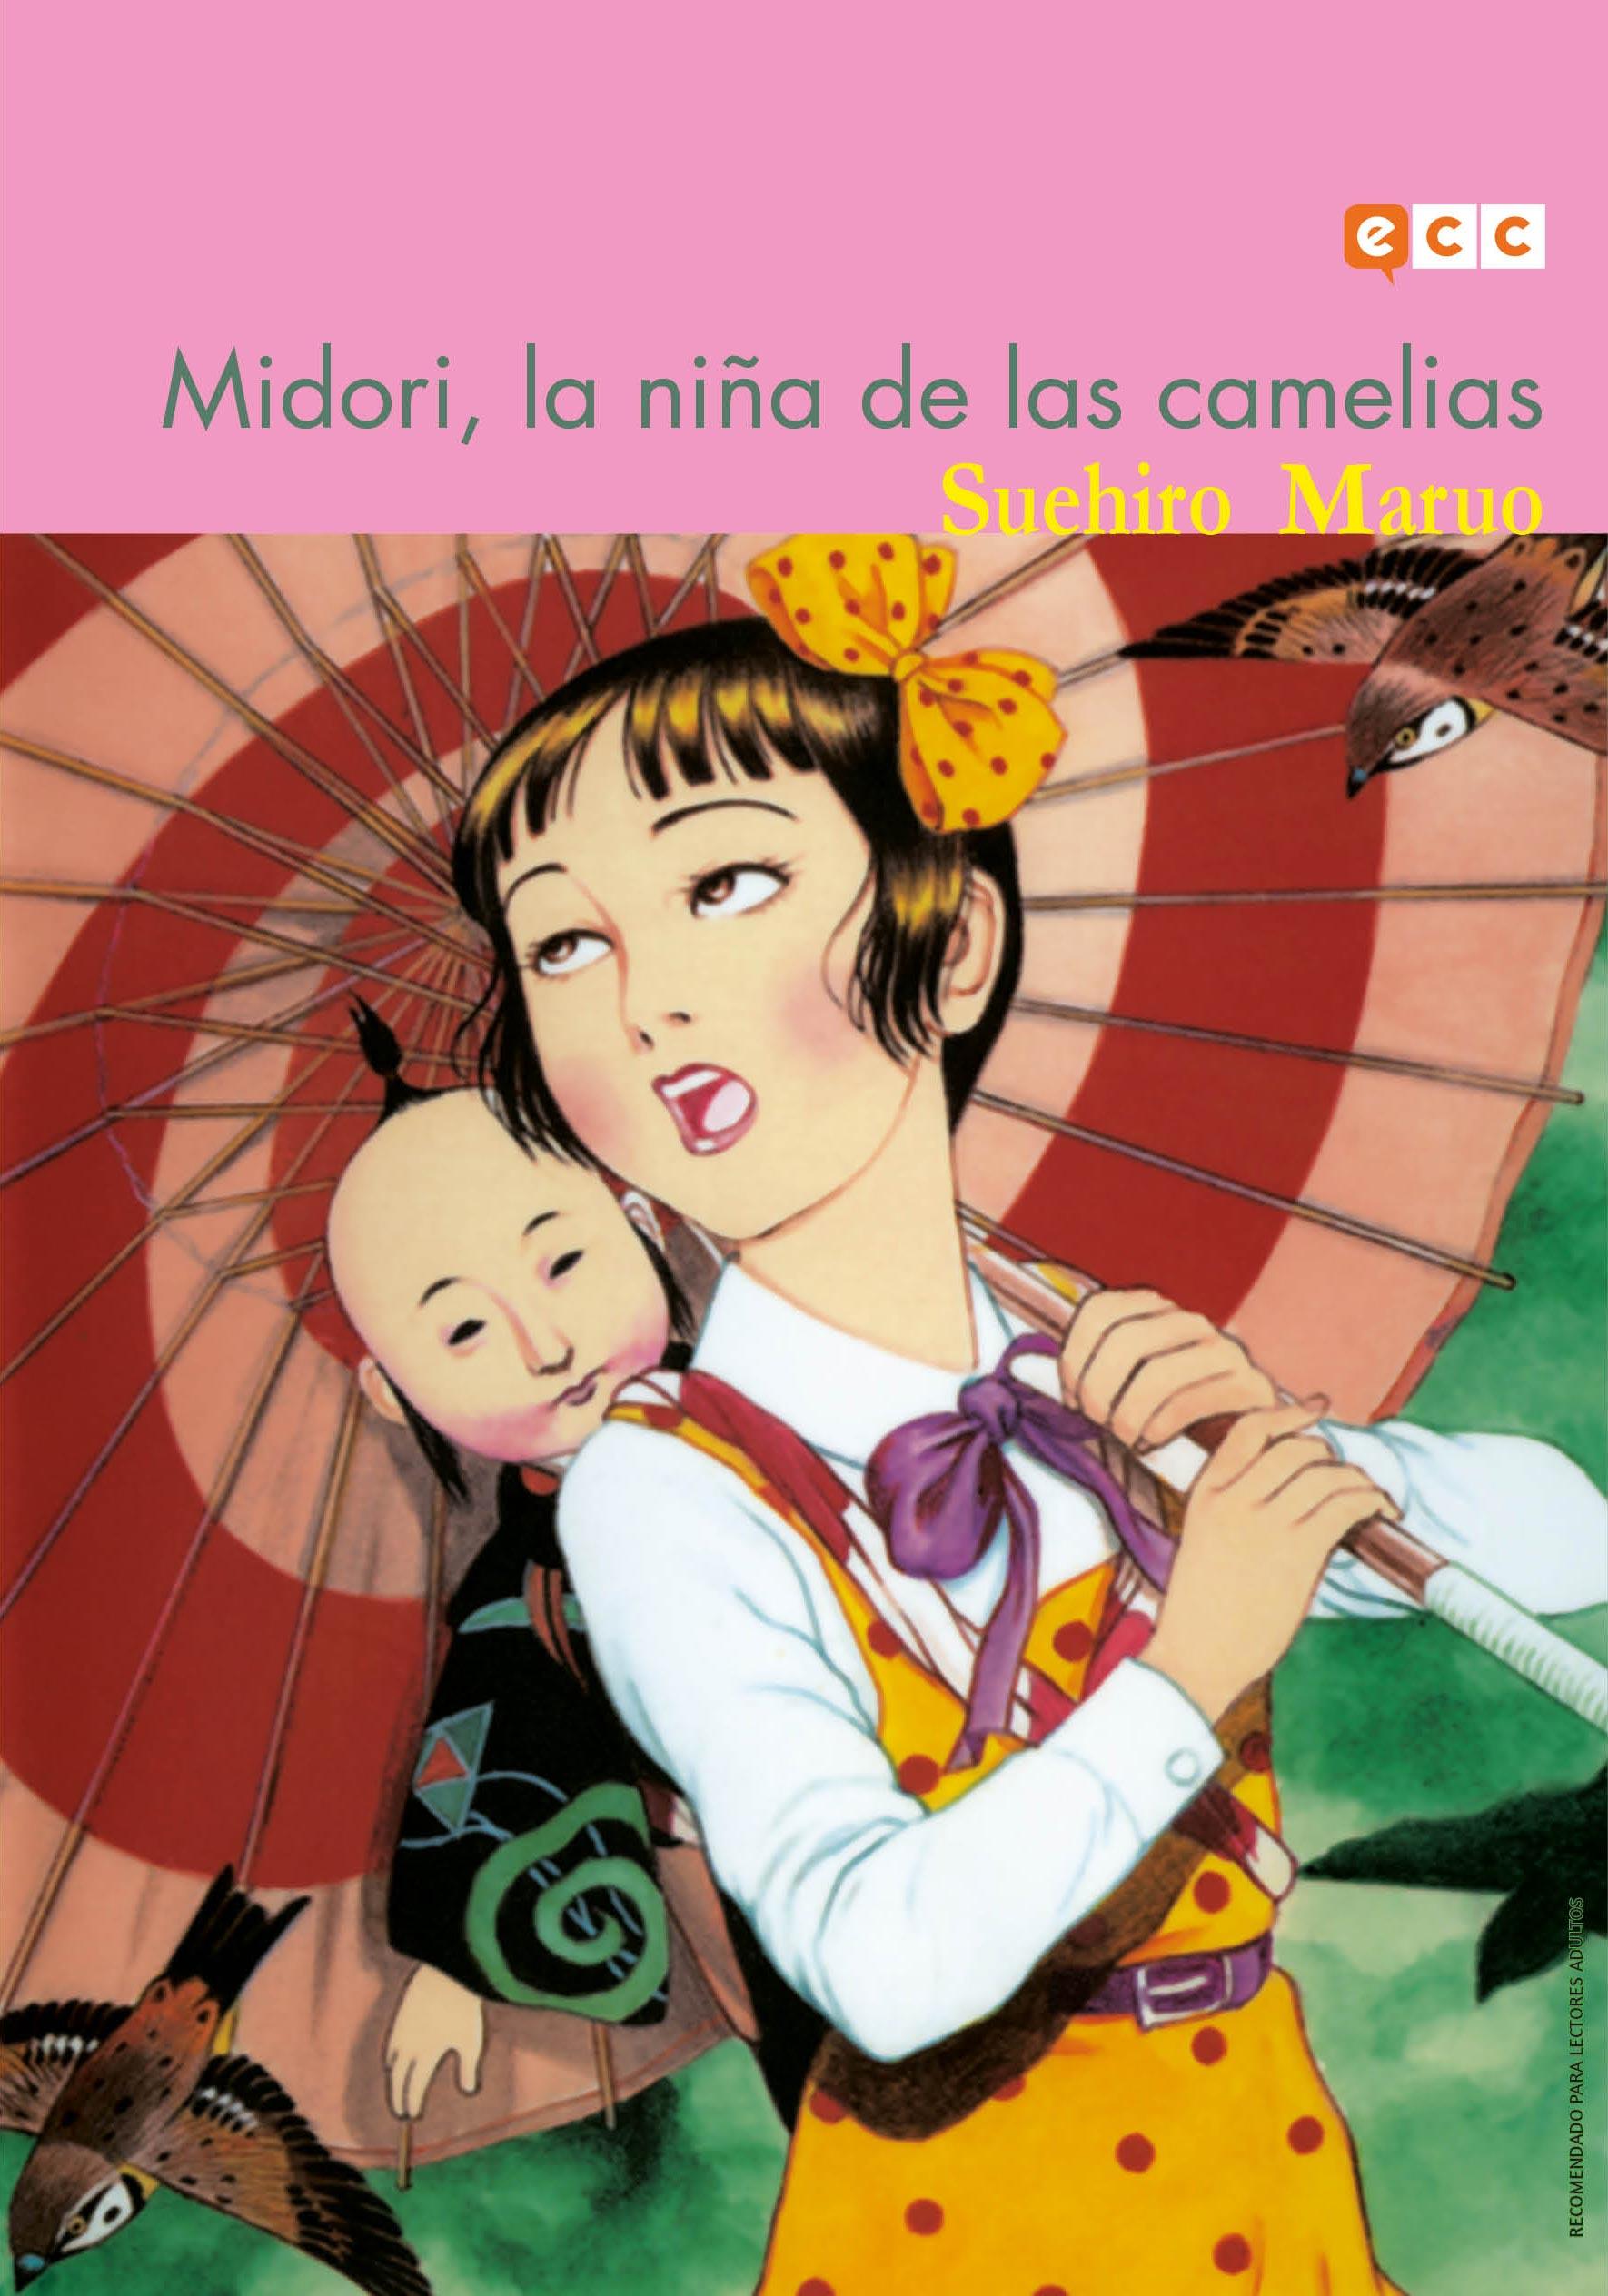 UN POCO DE NOVENO ARTE - Página 23 Sobrecubierta_midori_dama_camelias_WEB